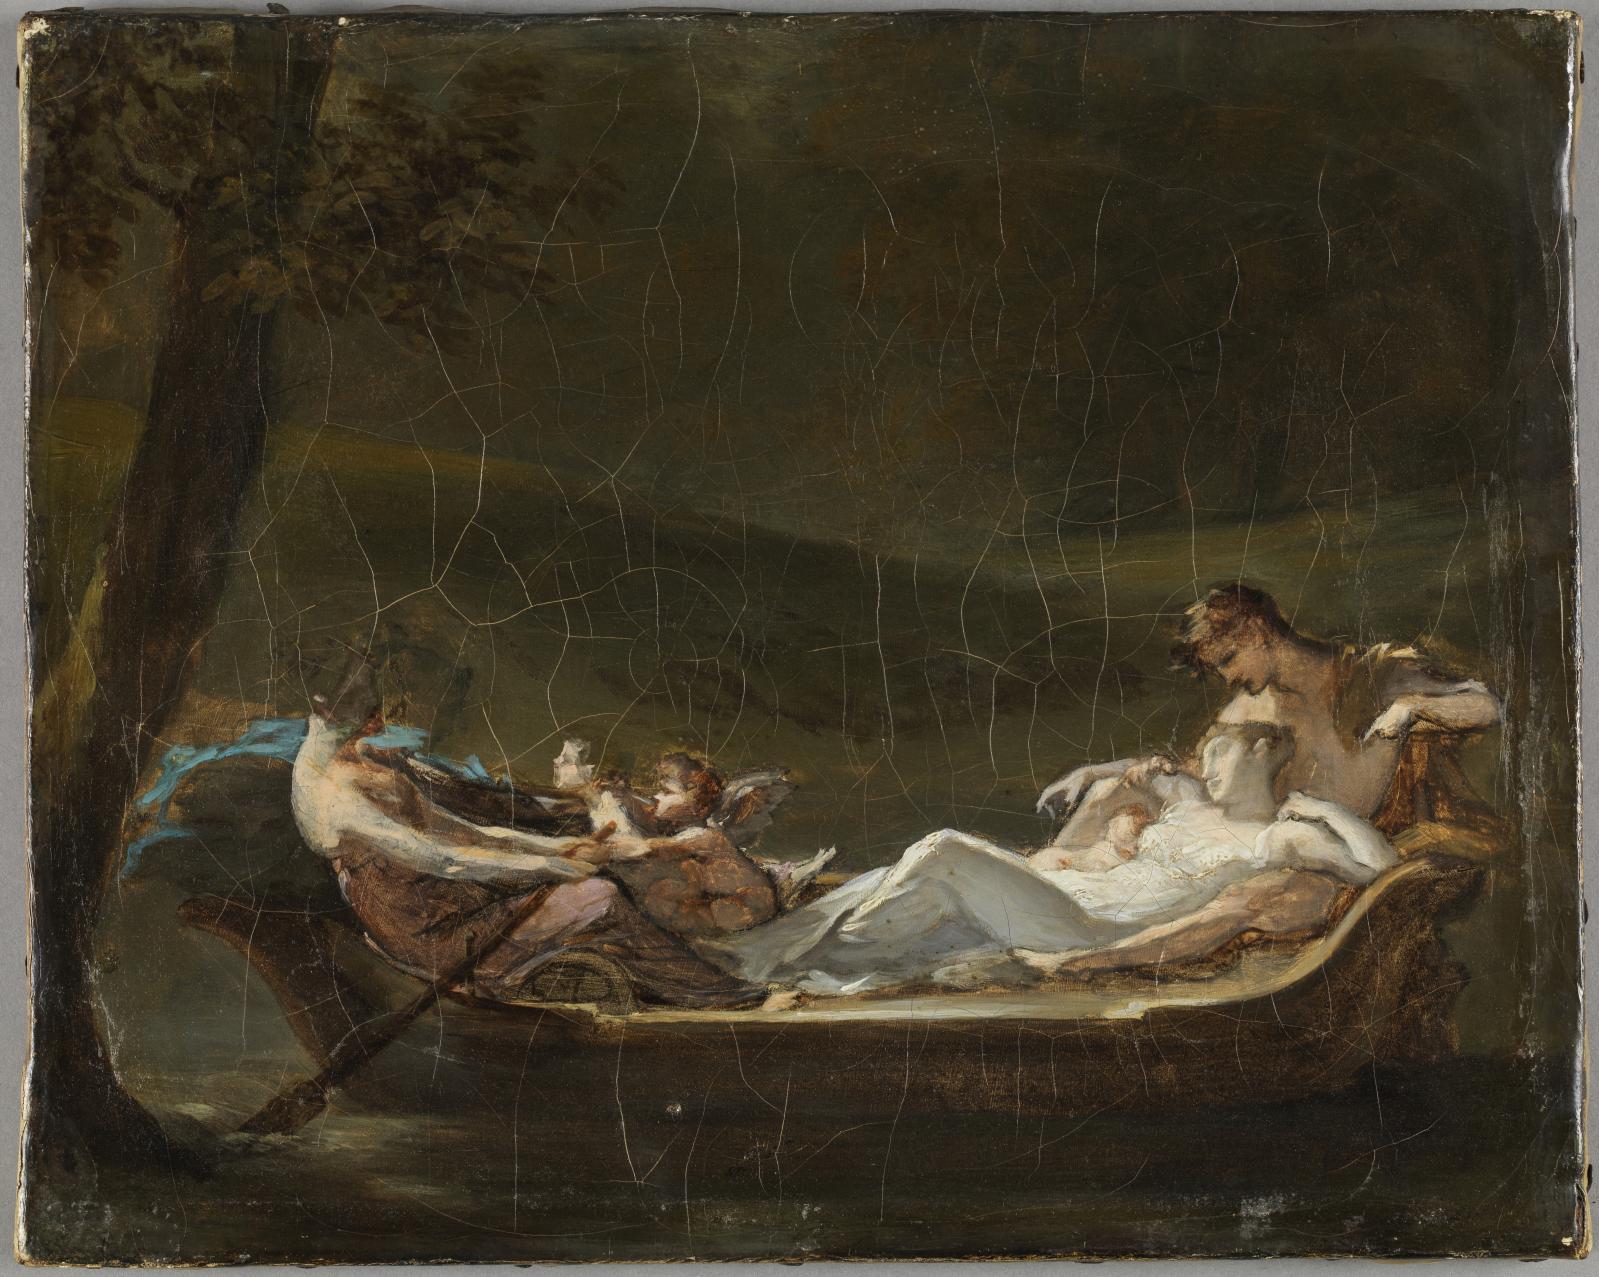 Pierre-Paul Prud'hon, esquisse pour Le Rêve du bonheur, 1818-1819, huile sur toile, 24 x 30 cm. © Musée du Louvre / Philippe Fuzeau